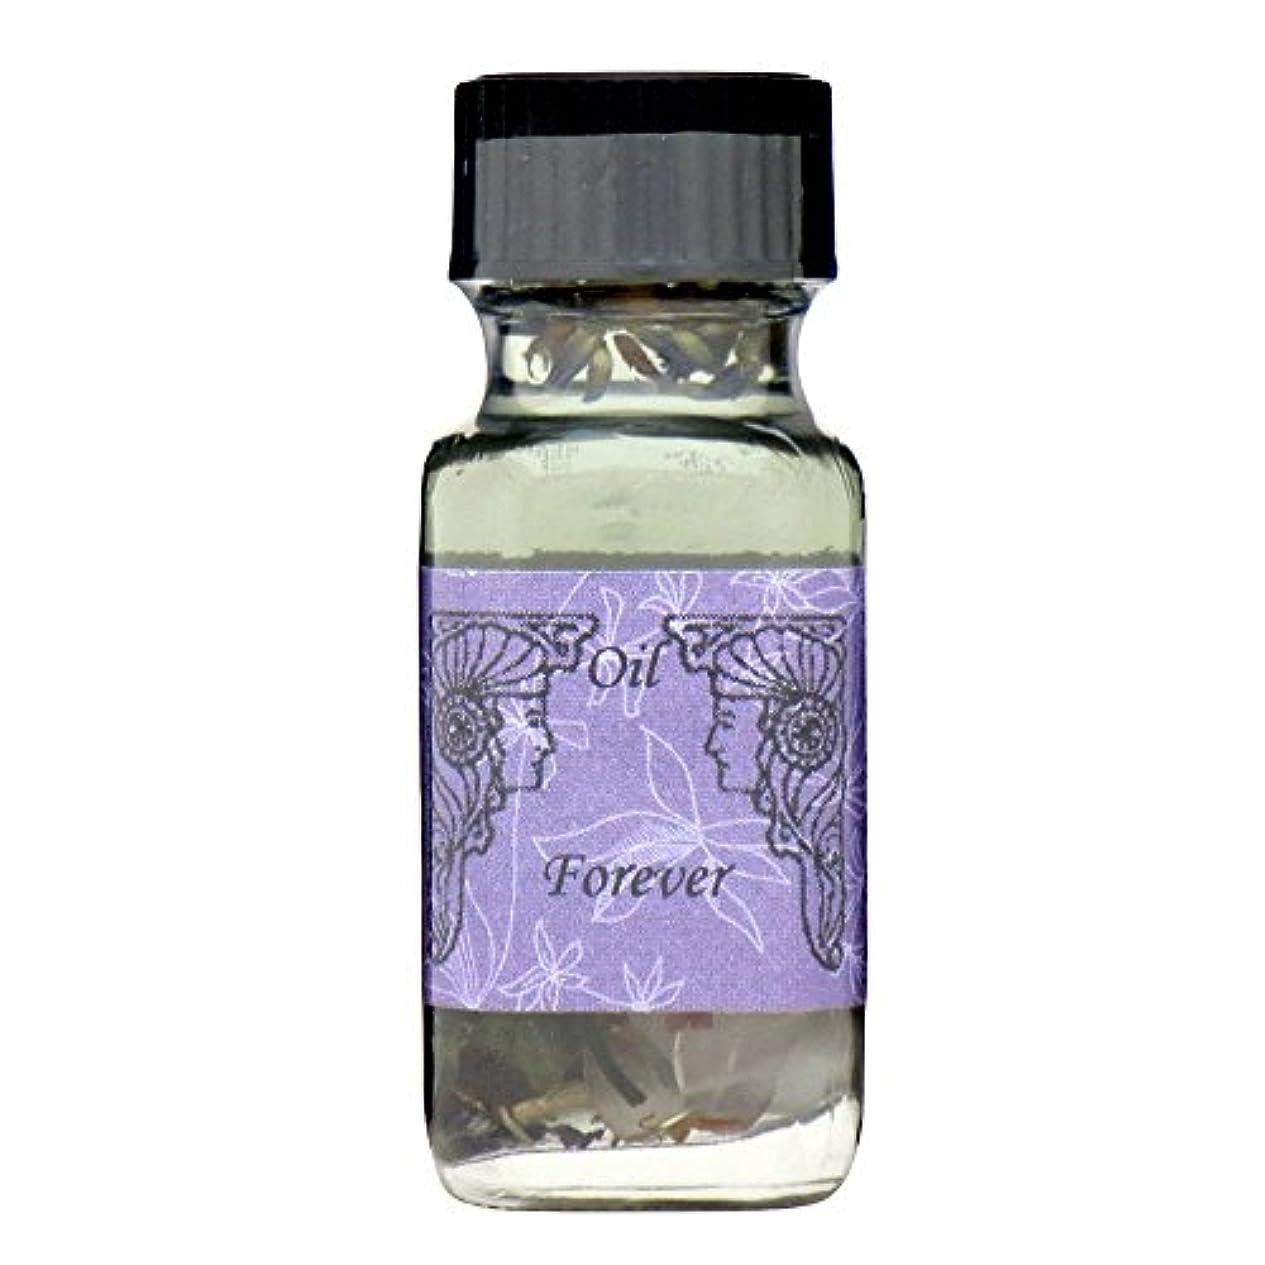 ティーンエイジャー送料夕暮れアンシェントメモリーオイル フォーエバー (永続的な関係) 15ml (Ancient Memory Oils)